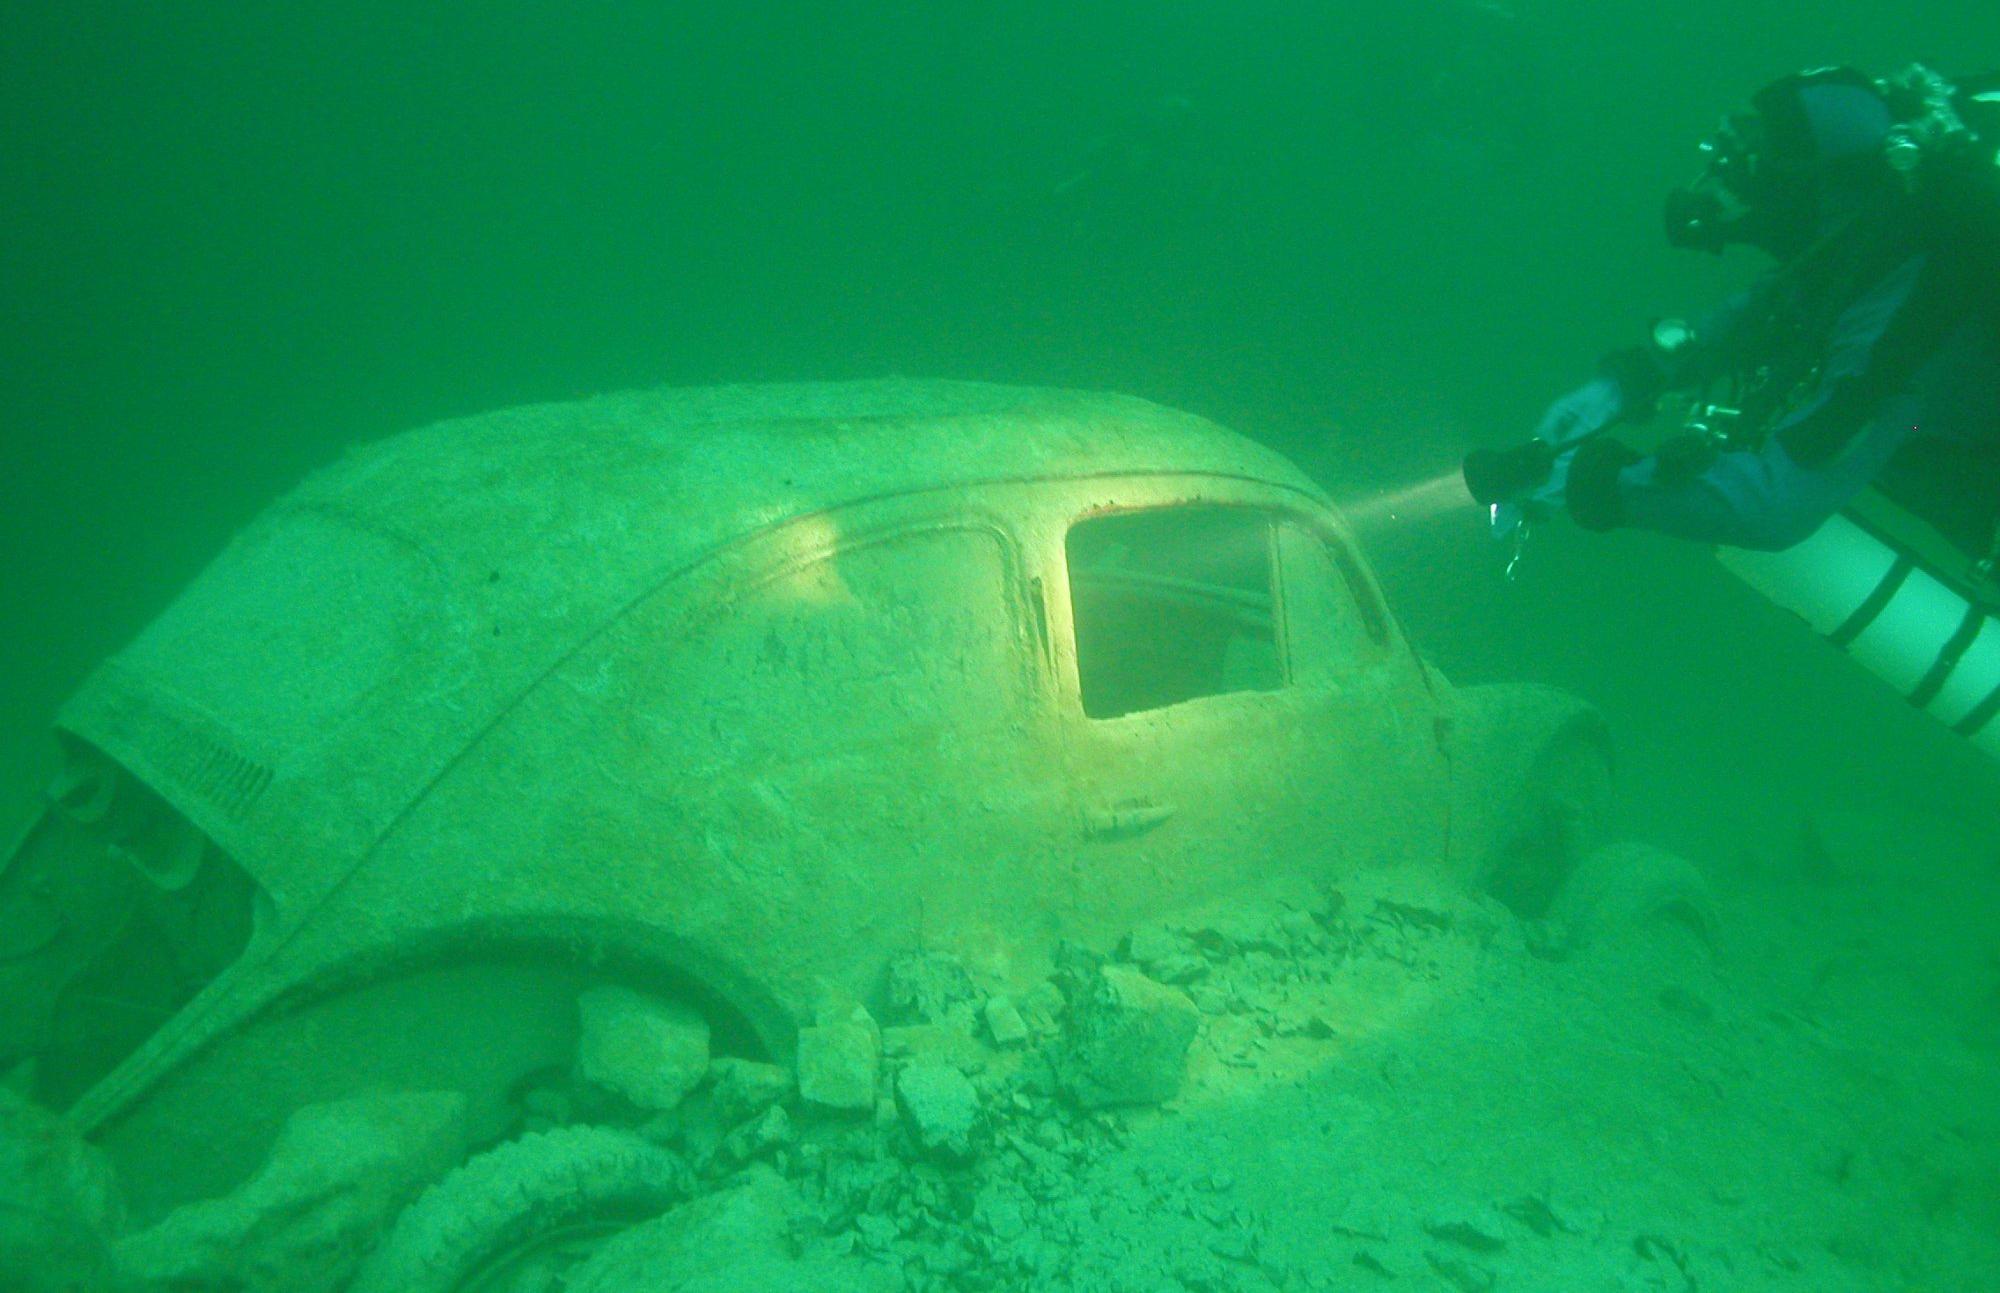 сад затонувшие автомобили фото одним увлекательным